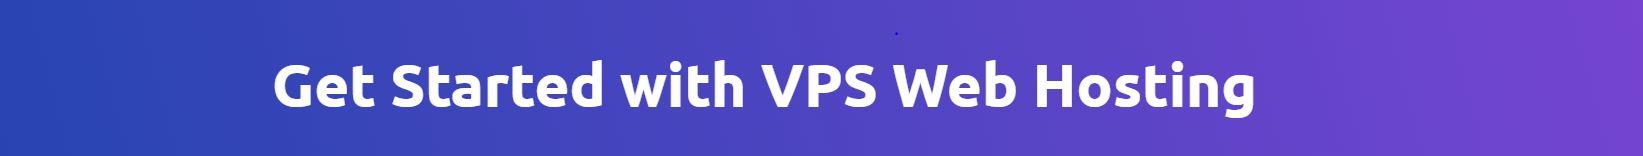 un serve exclusivo no tendrá alojados otros proyectos web en el mismo server.